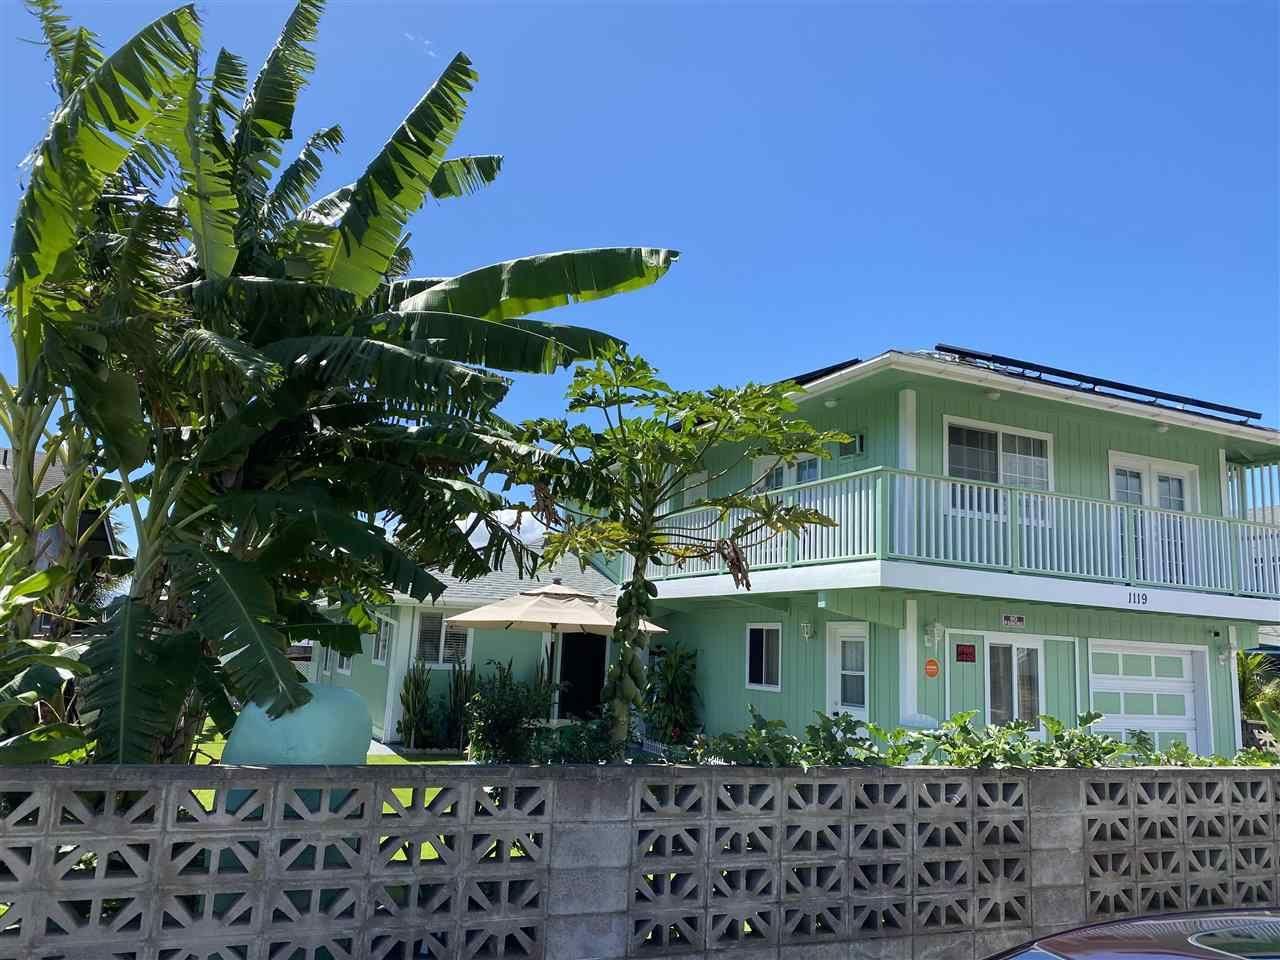 Photo of 1119 Hoalu St, Wailuku, HI 96793 (MLS # 392301)